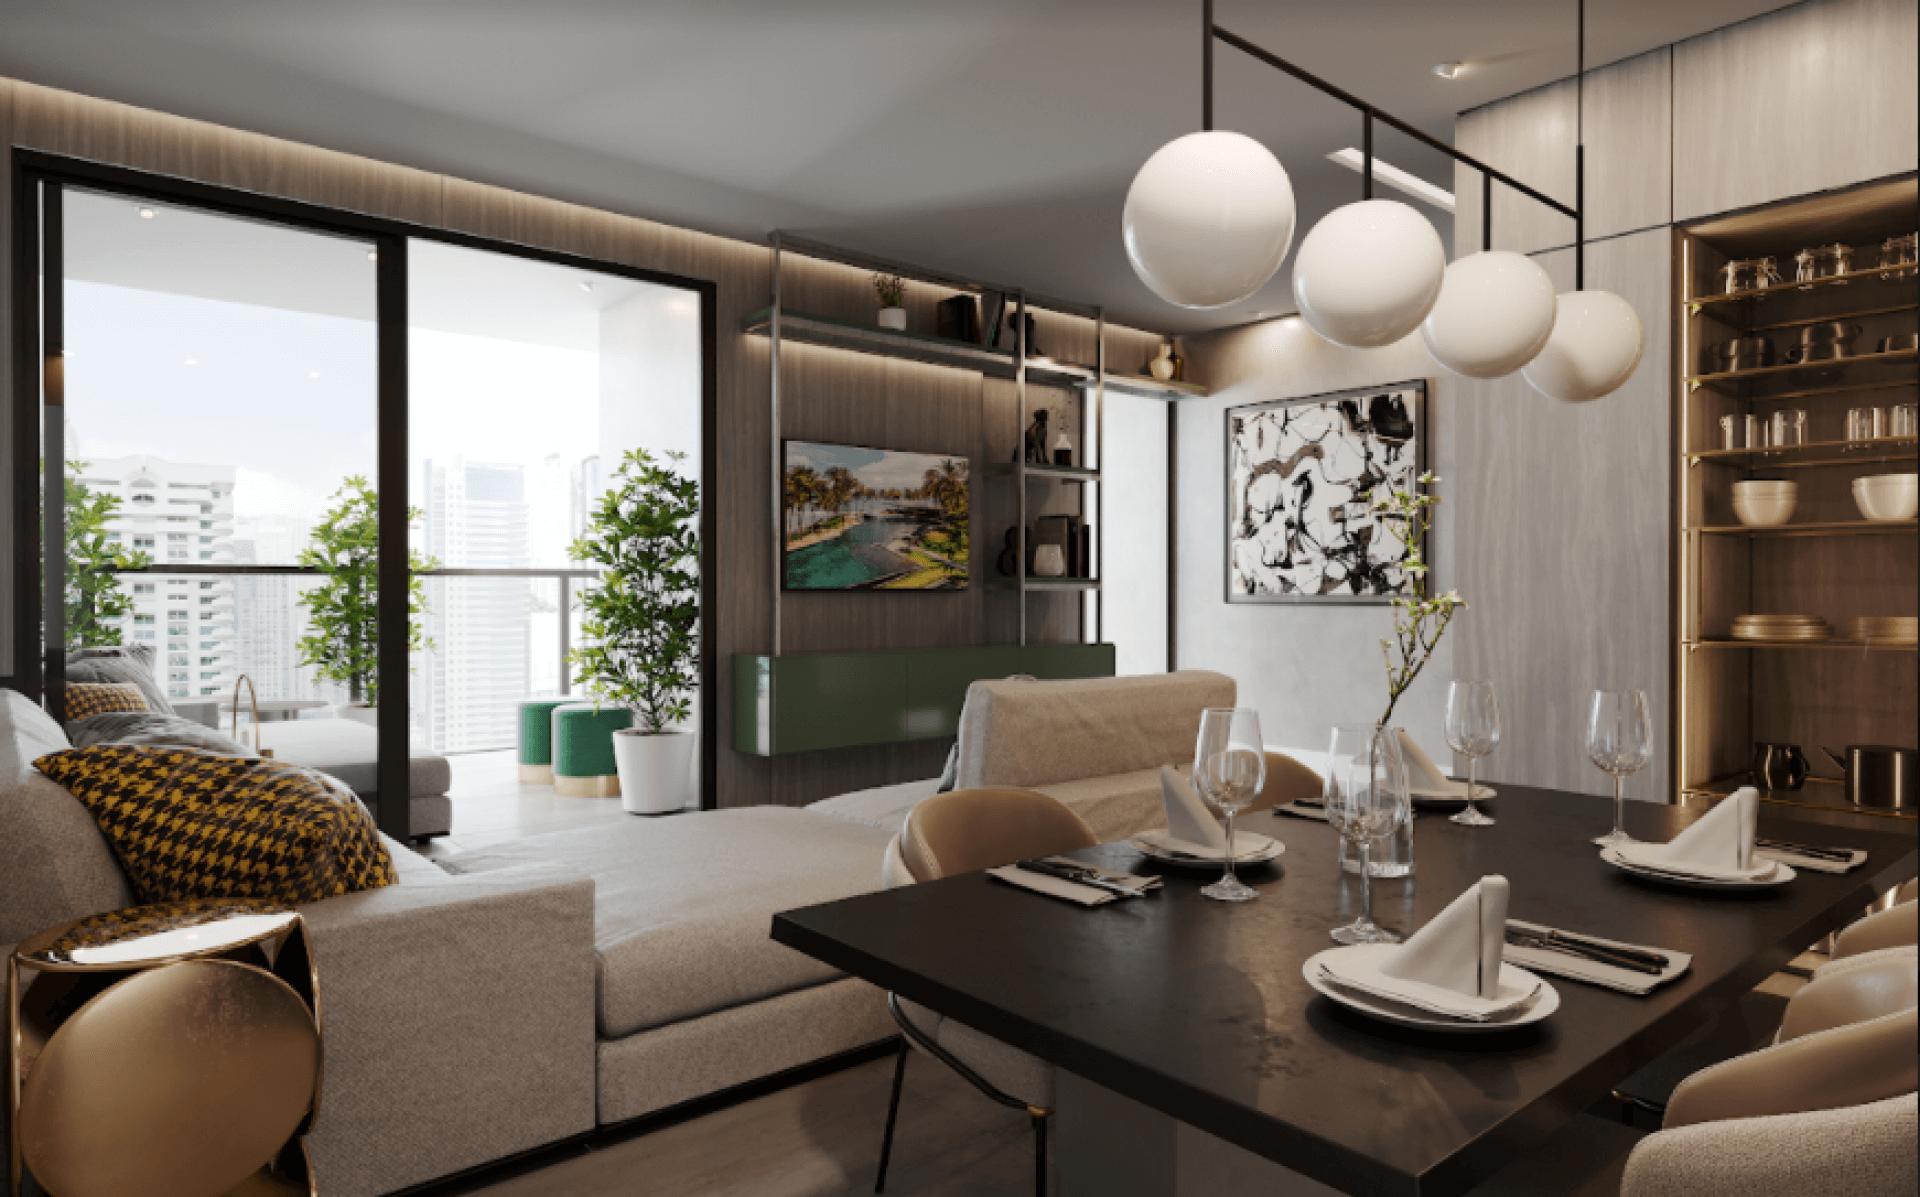 SALA com espaços de estar e jantar integrados, criando um confortável ambiente para receber seus convidados. O guarda-corpo em vidro, utilizado na varanda, é um elemento que proporciona uma boa iluminação as áreas sociais do apartamento.